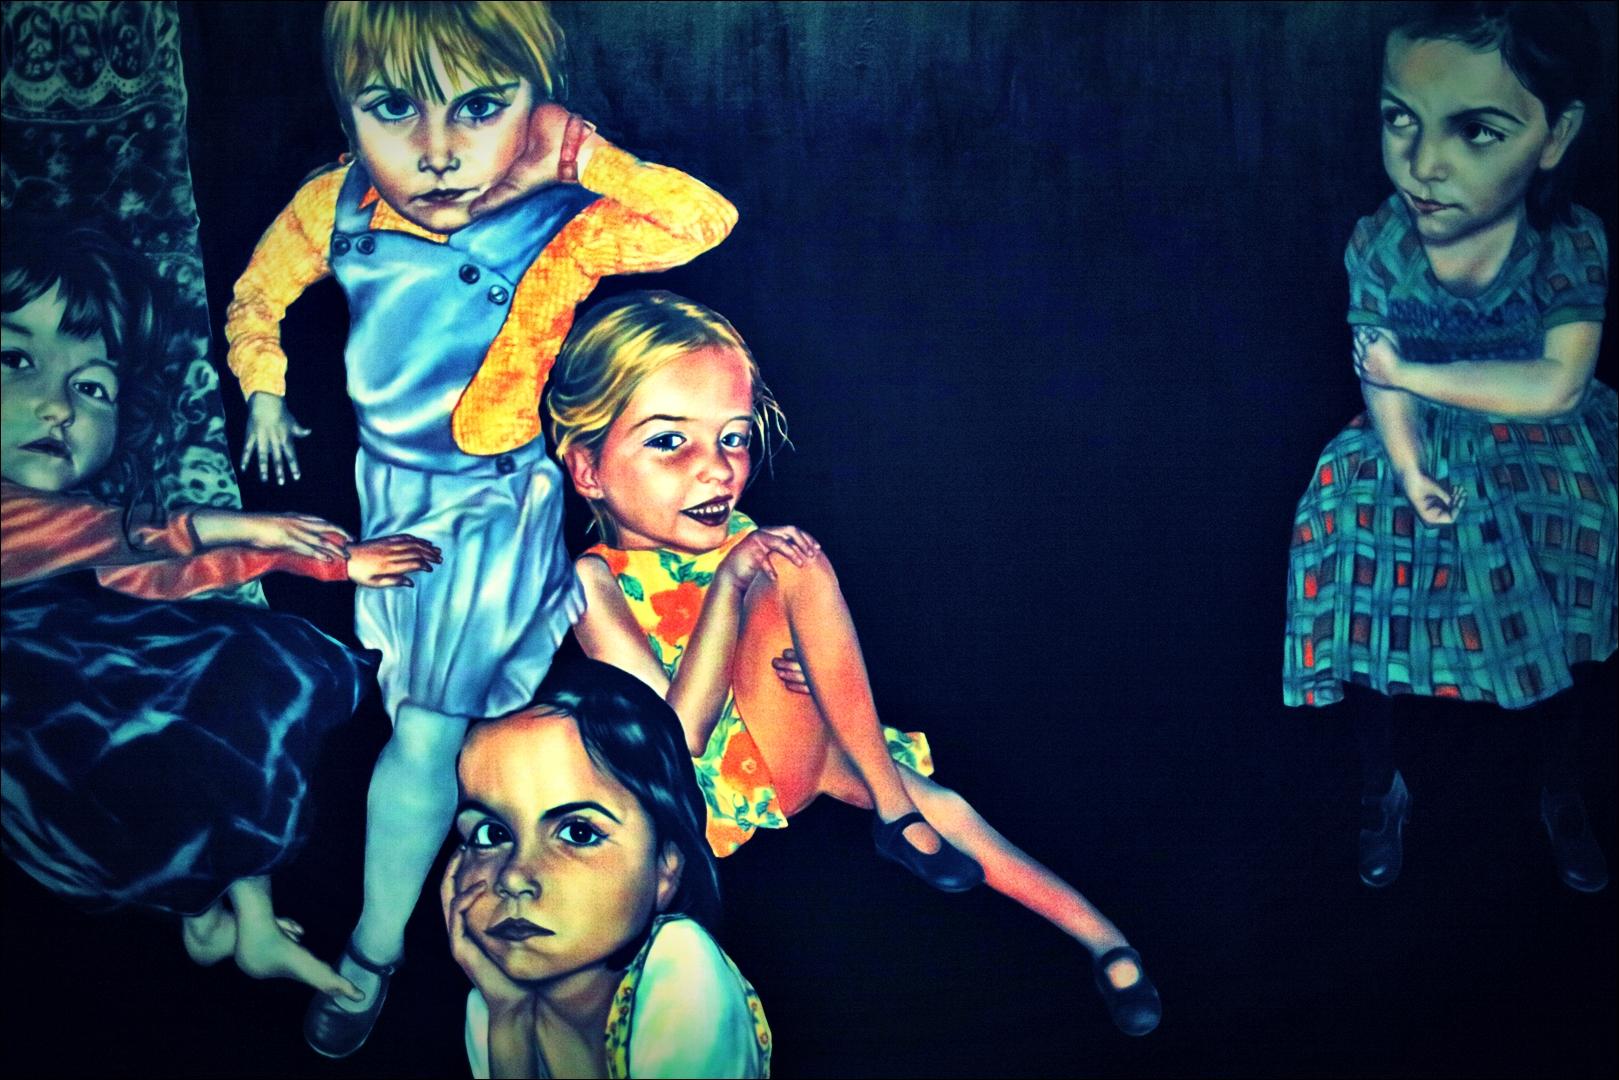 아이들-'베라르도 현대미술관 Berardo Museum of Modern and Contemporary Art'